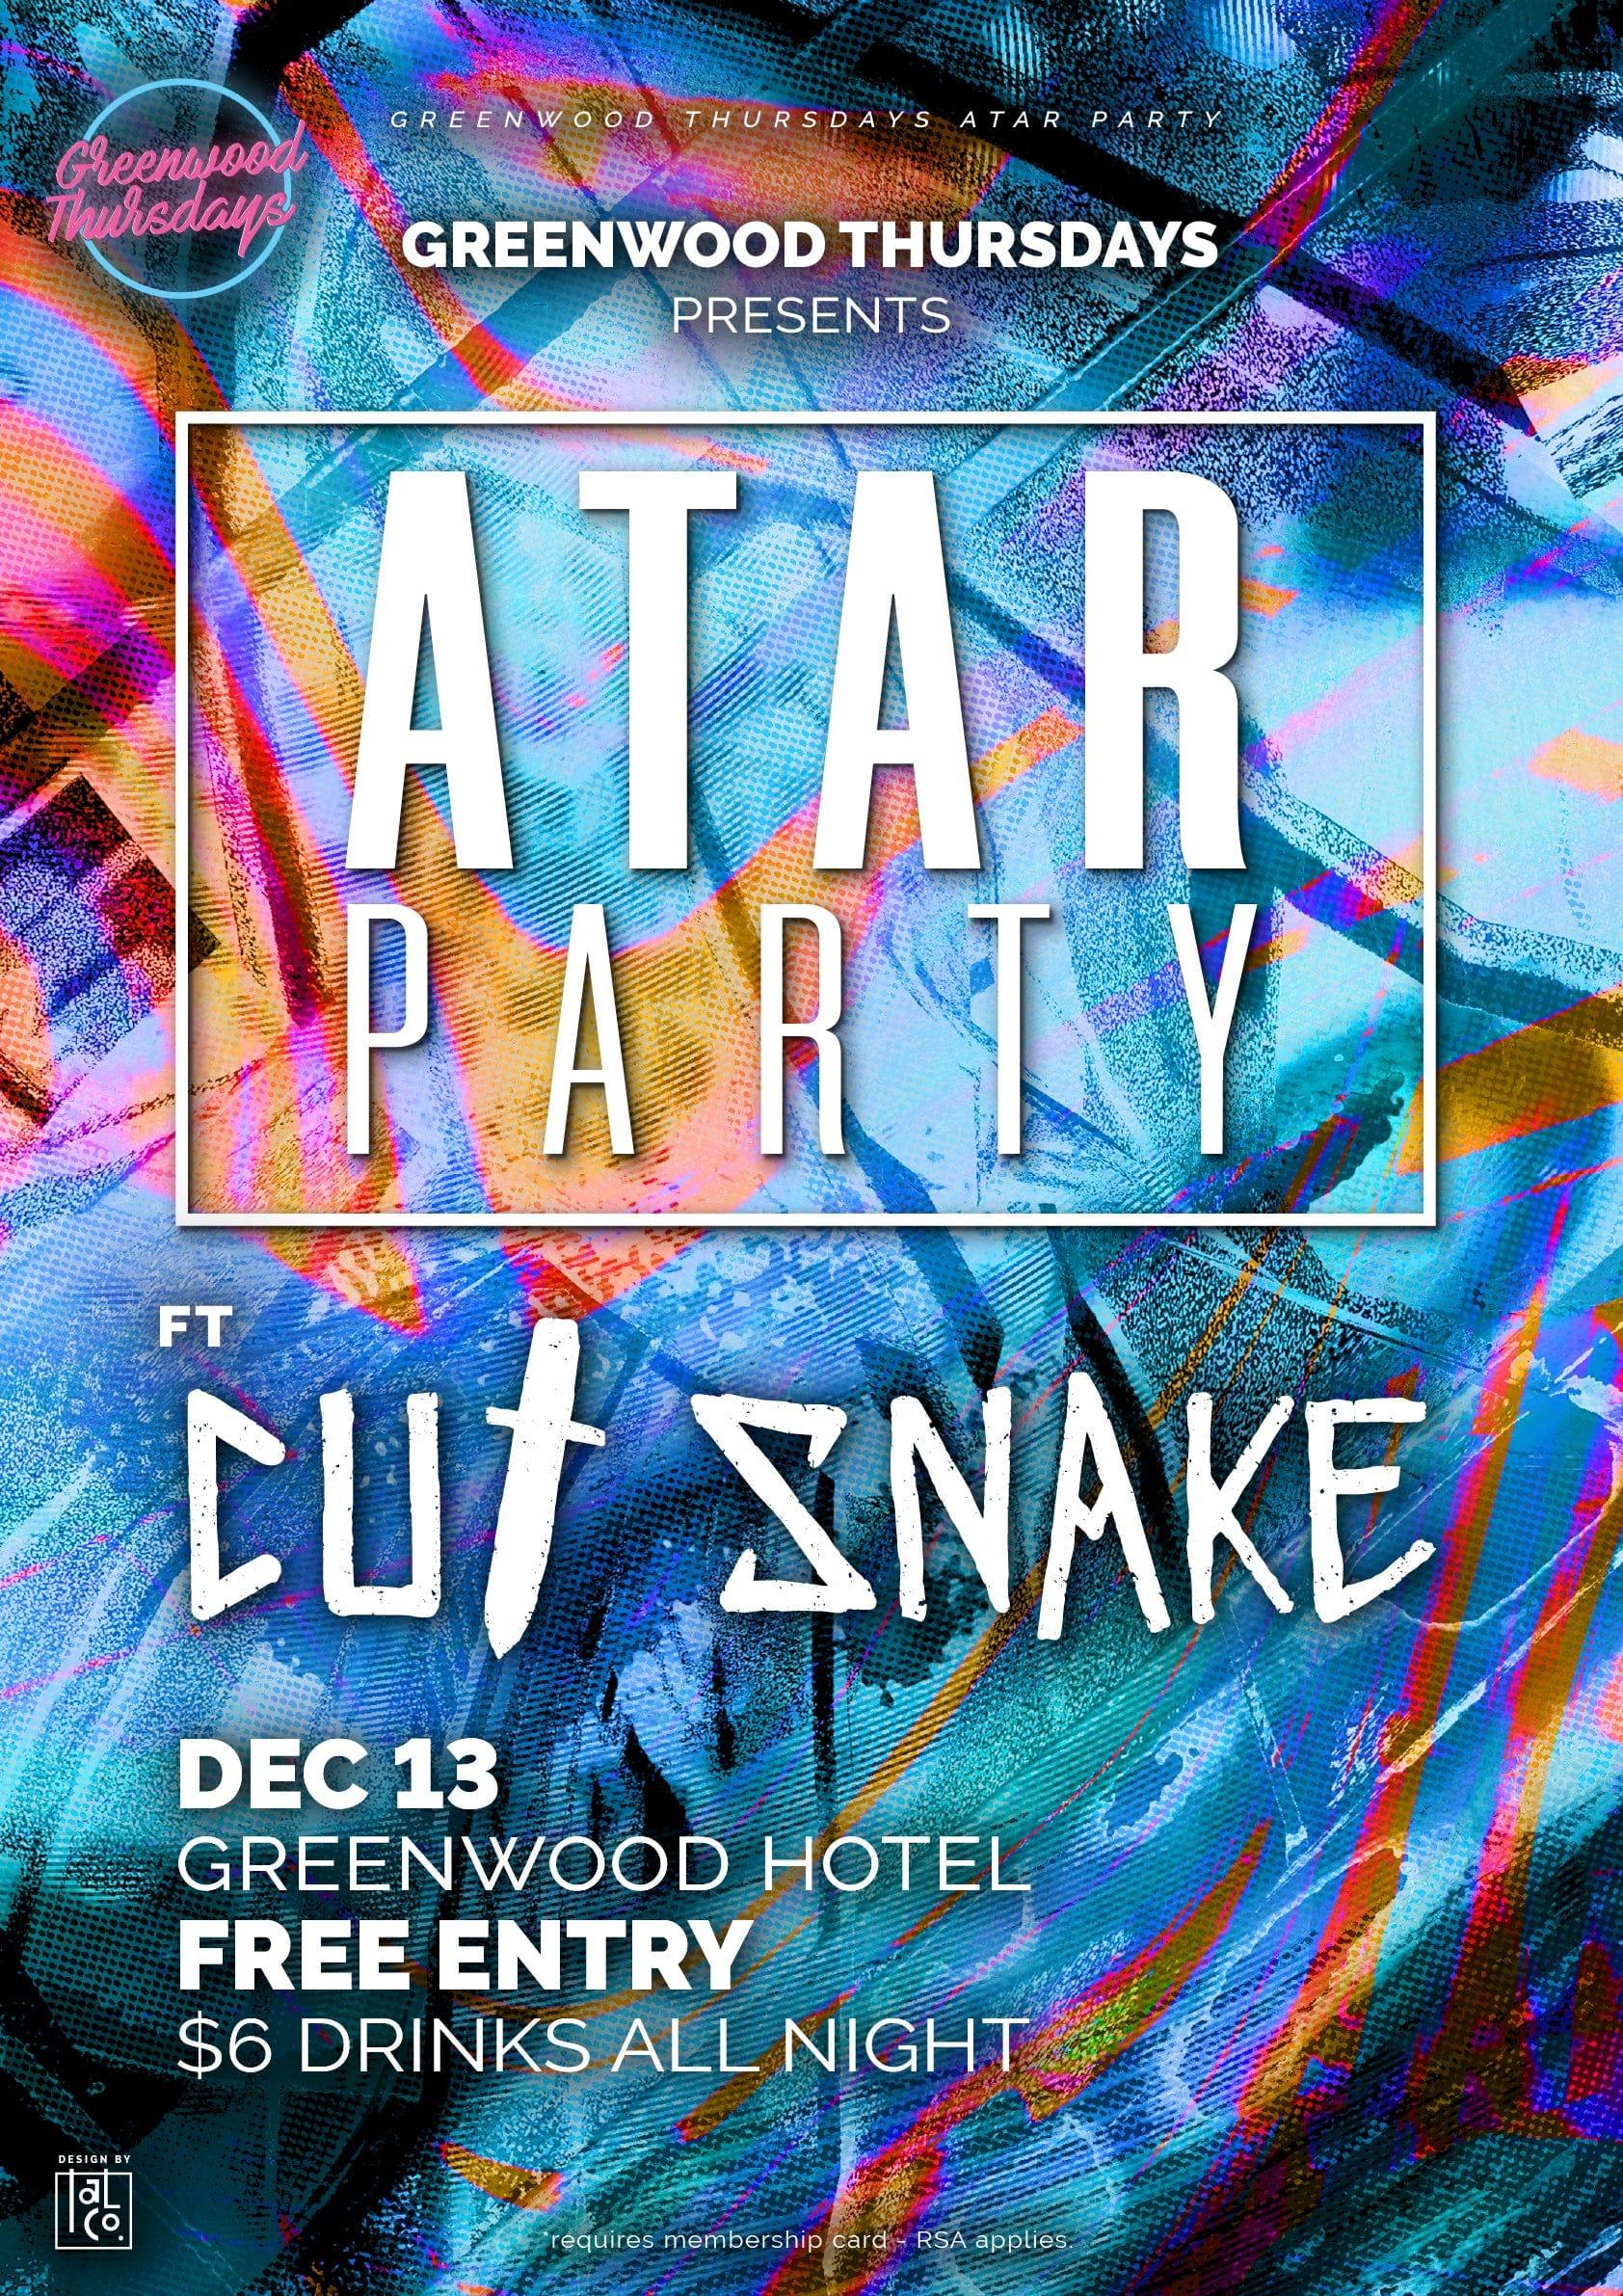 Cut Snake DJ Set Atar Party Greenwood Thursdays North Sydney